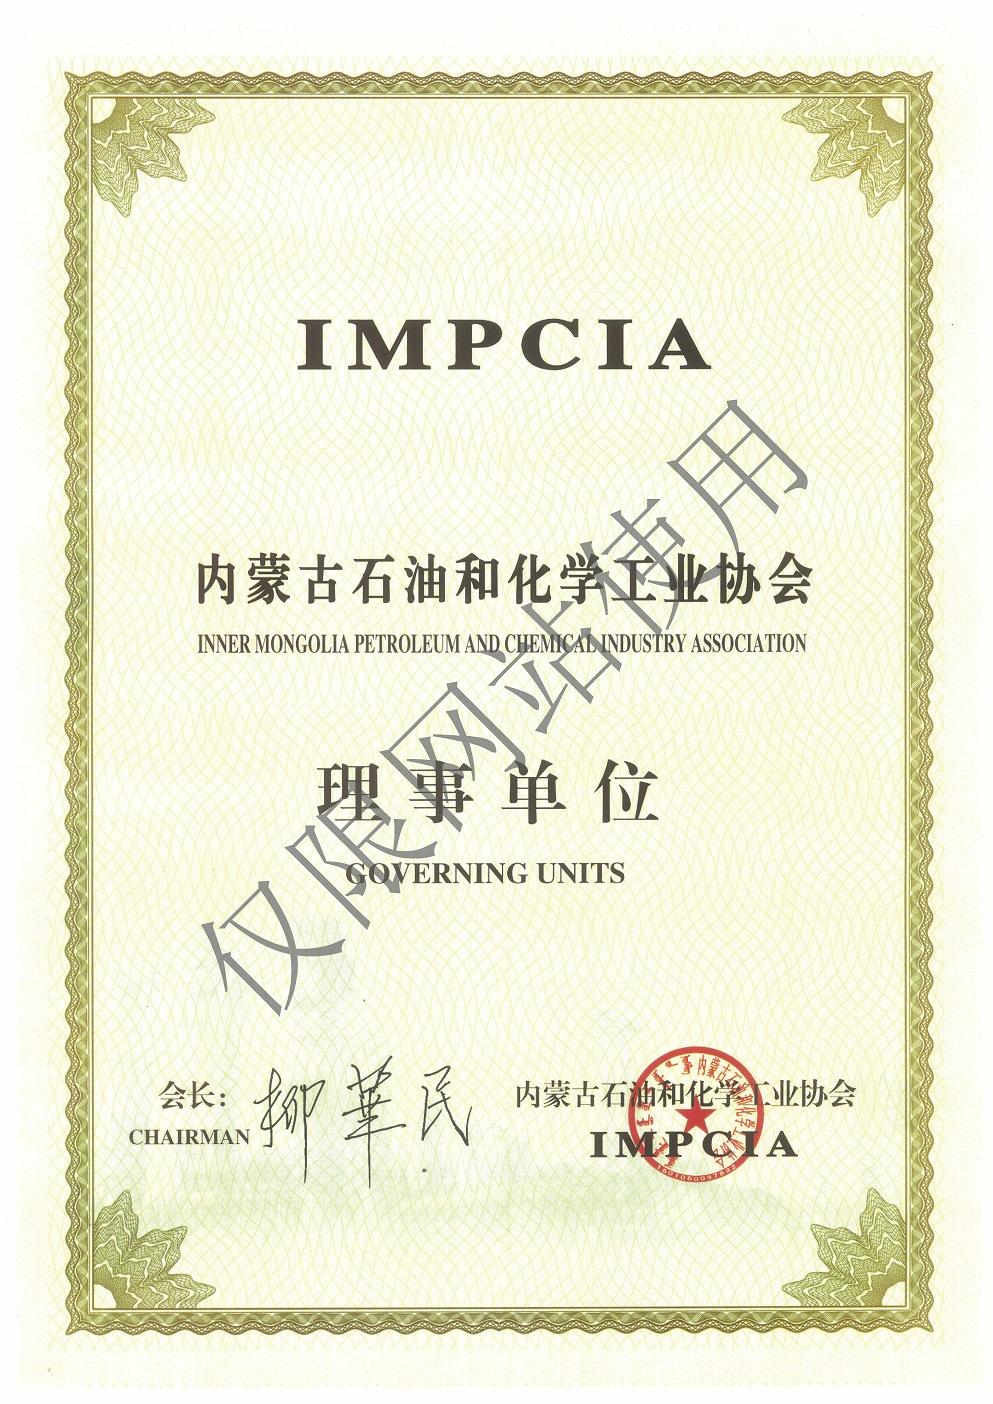 化工协会会员证书